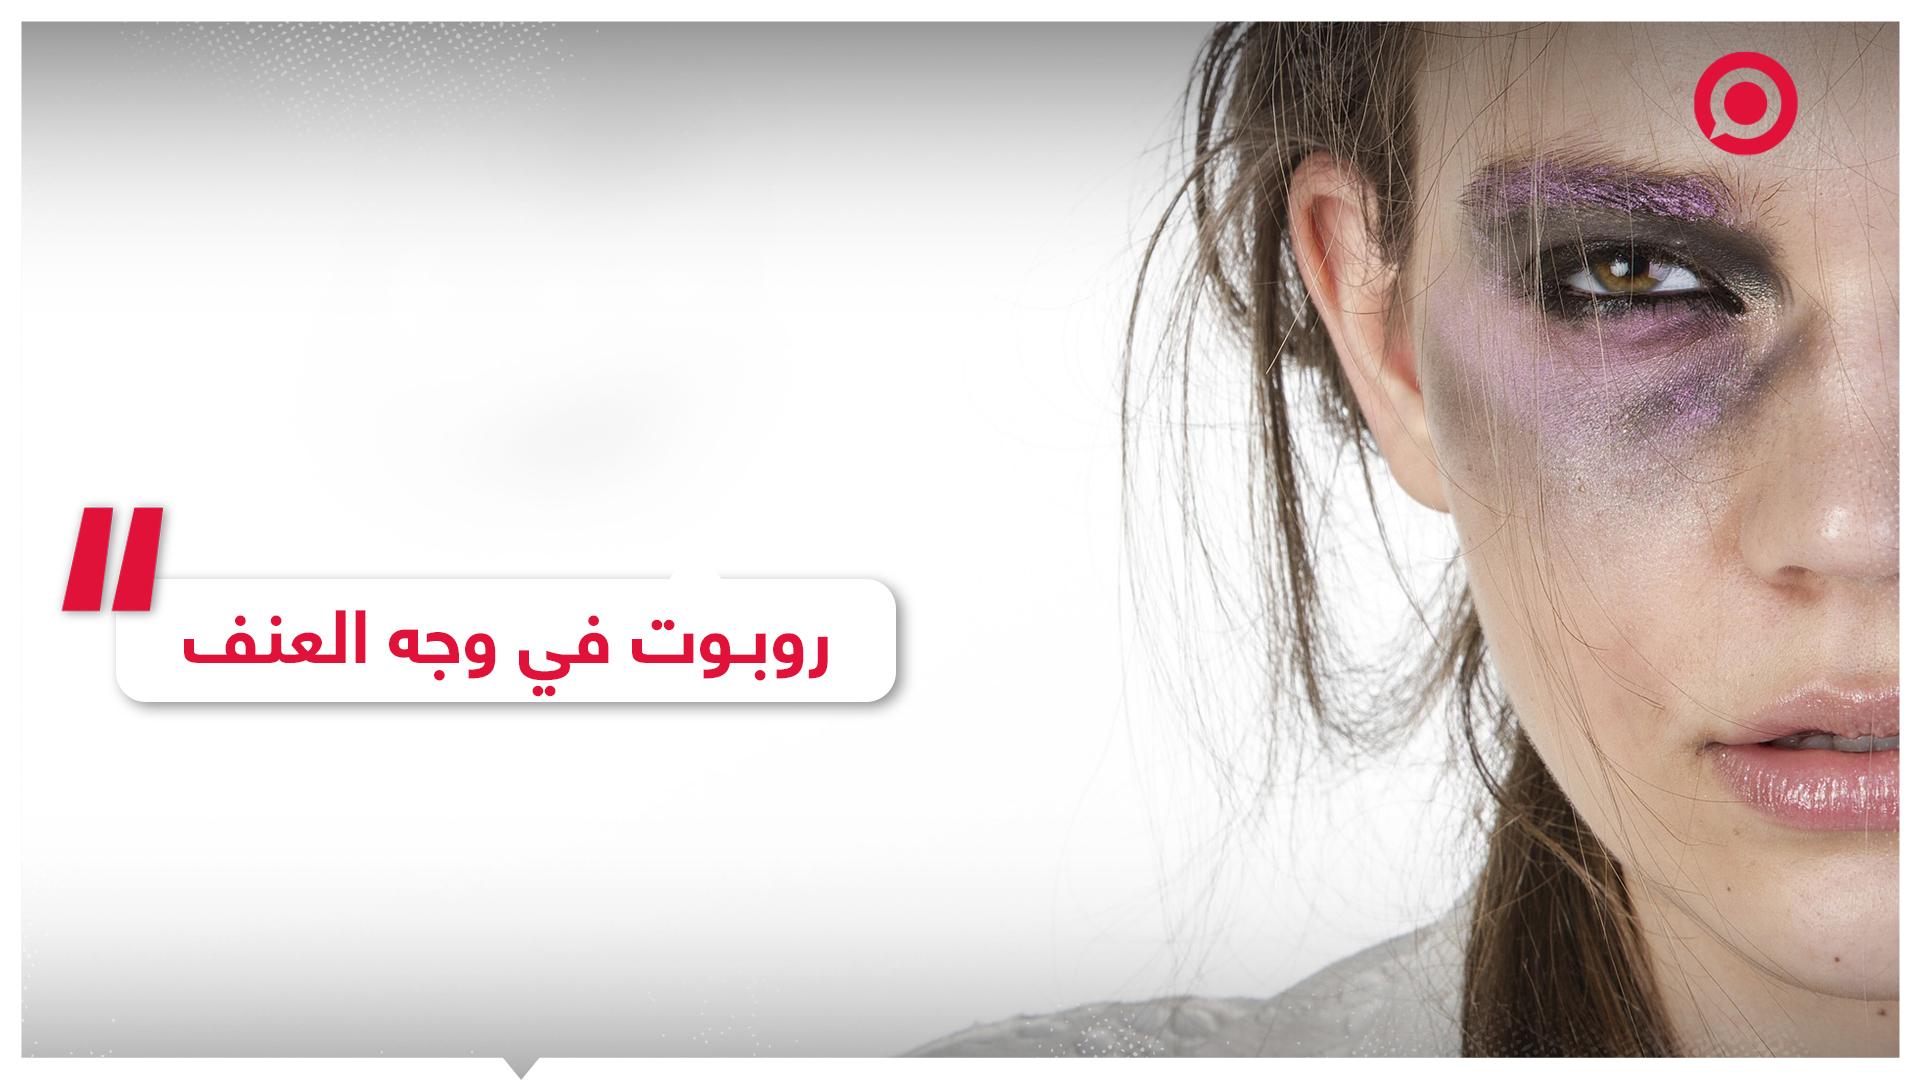 #روبوت#العنف_ضد_المرأة#المغرب#الأمم_المتحدة